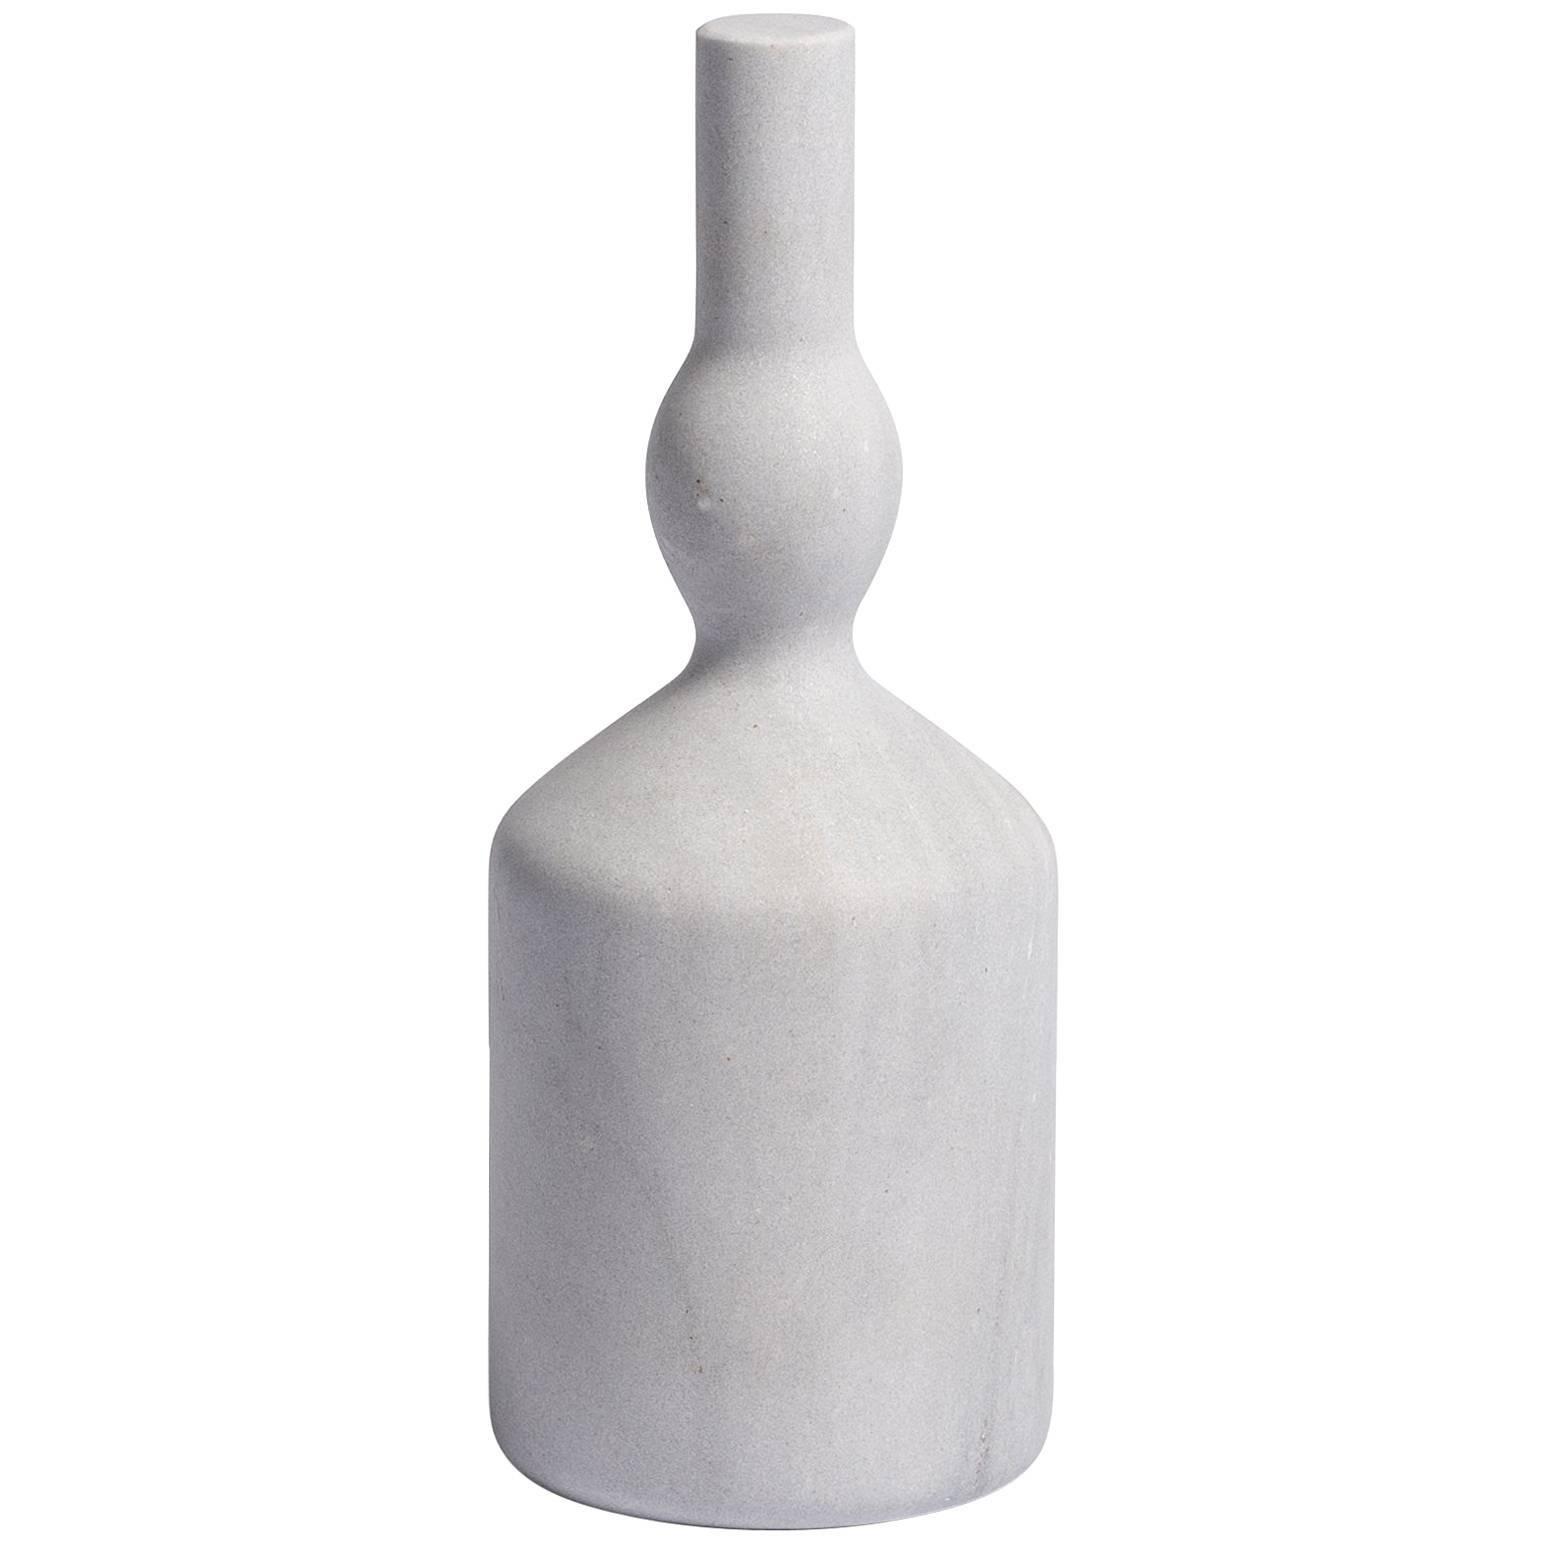 Salvatori Omaggio a Morandi Bottle Sculpture Palissandro Bluette by Elisa Ossino